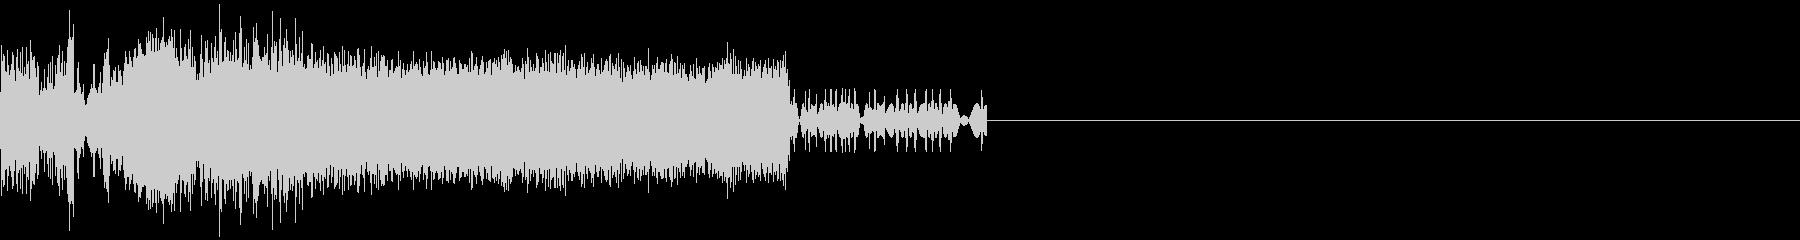 デジタル FX 03 動作の未再生の波形